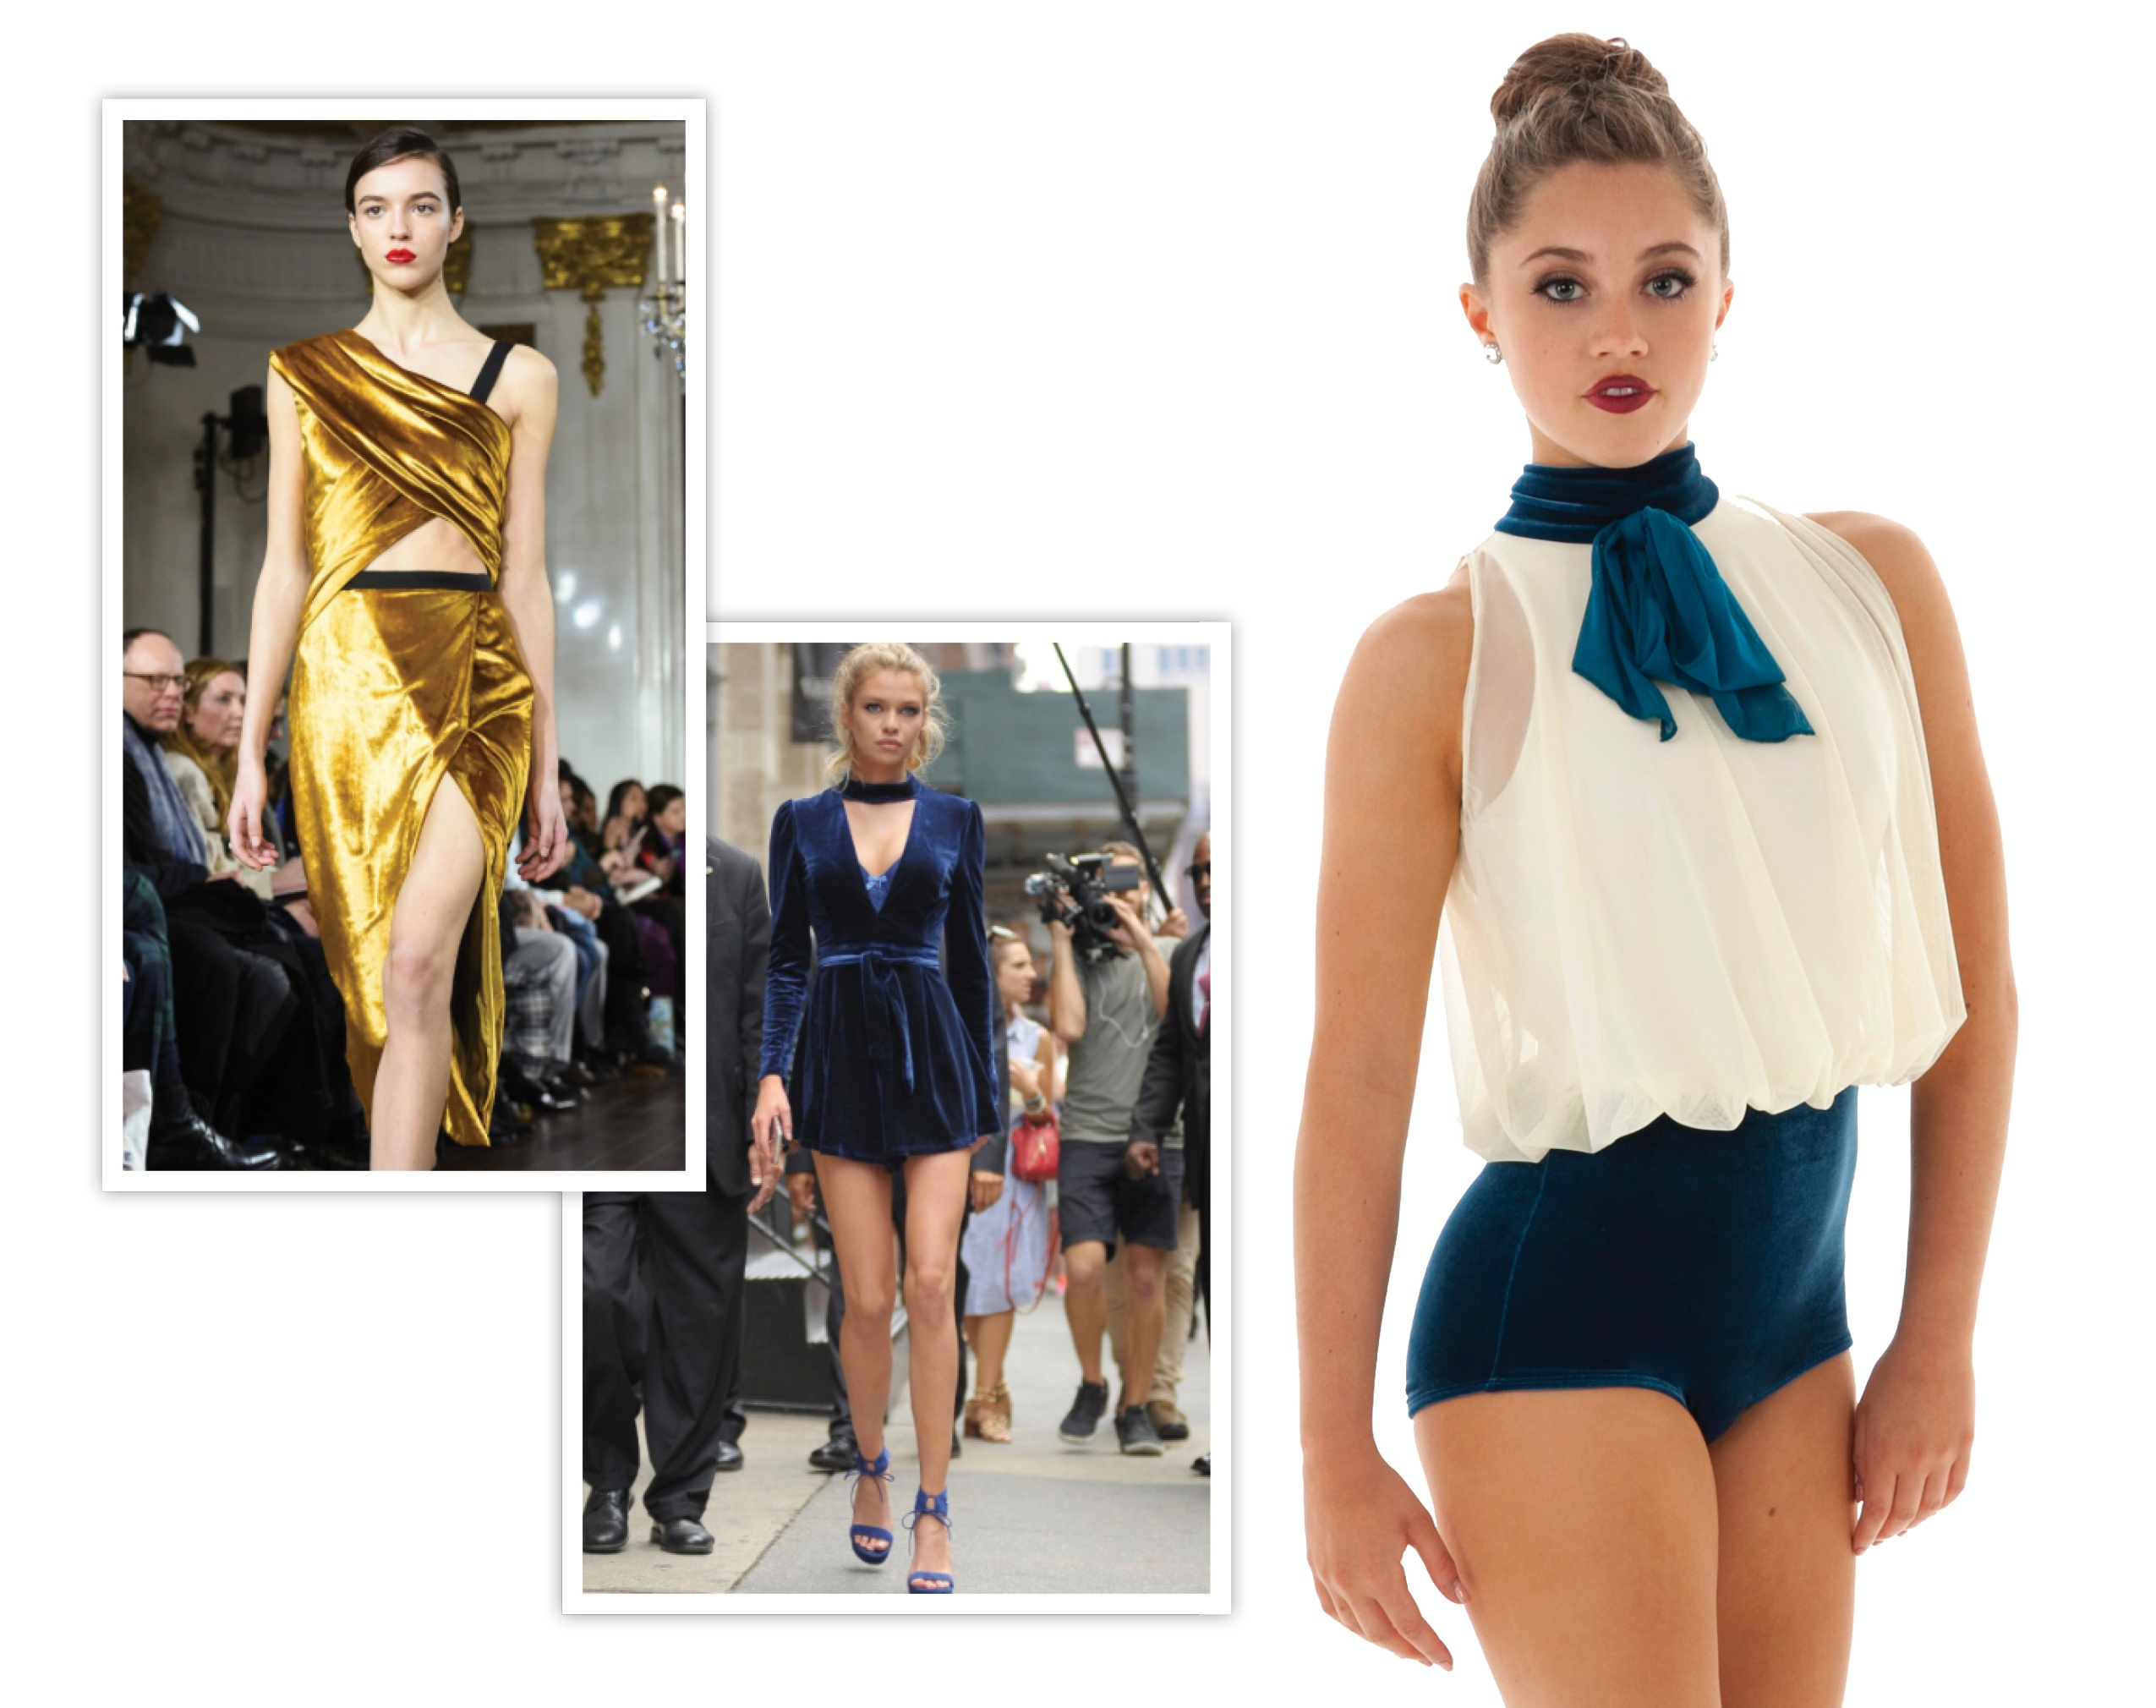 Velvet dance costume inspired by fashion